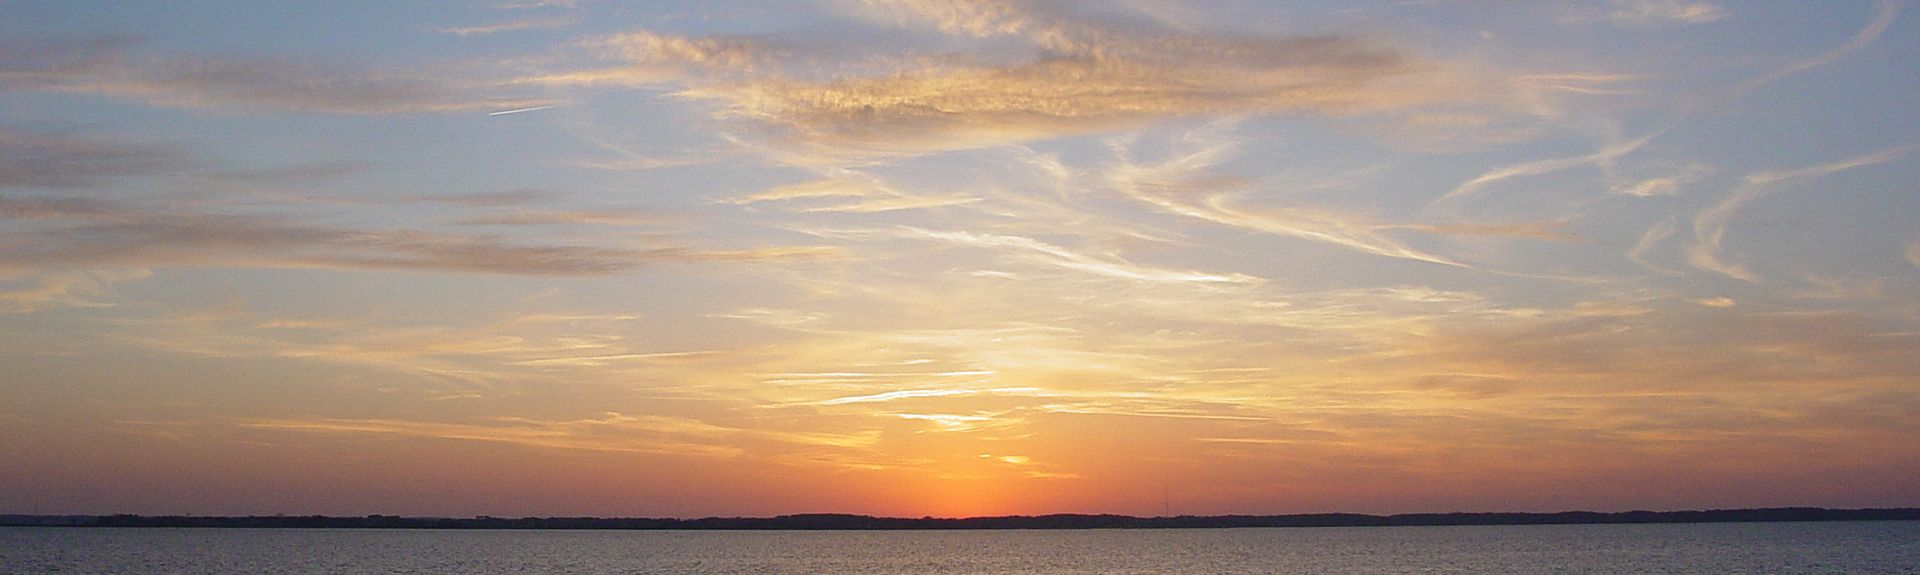 Assateague State Park, Ocean City, MD, USA